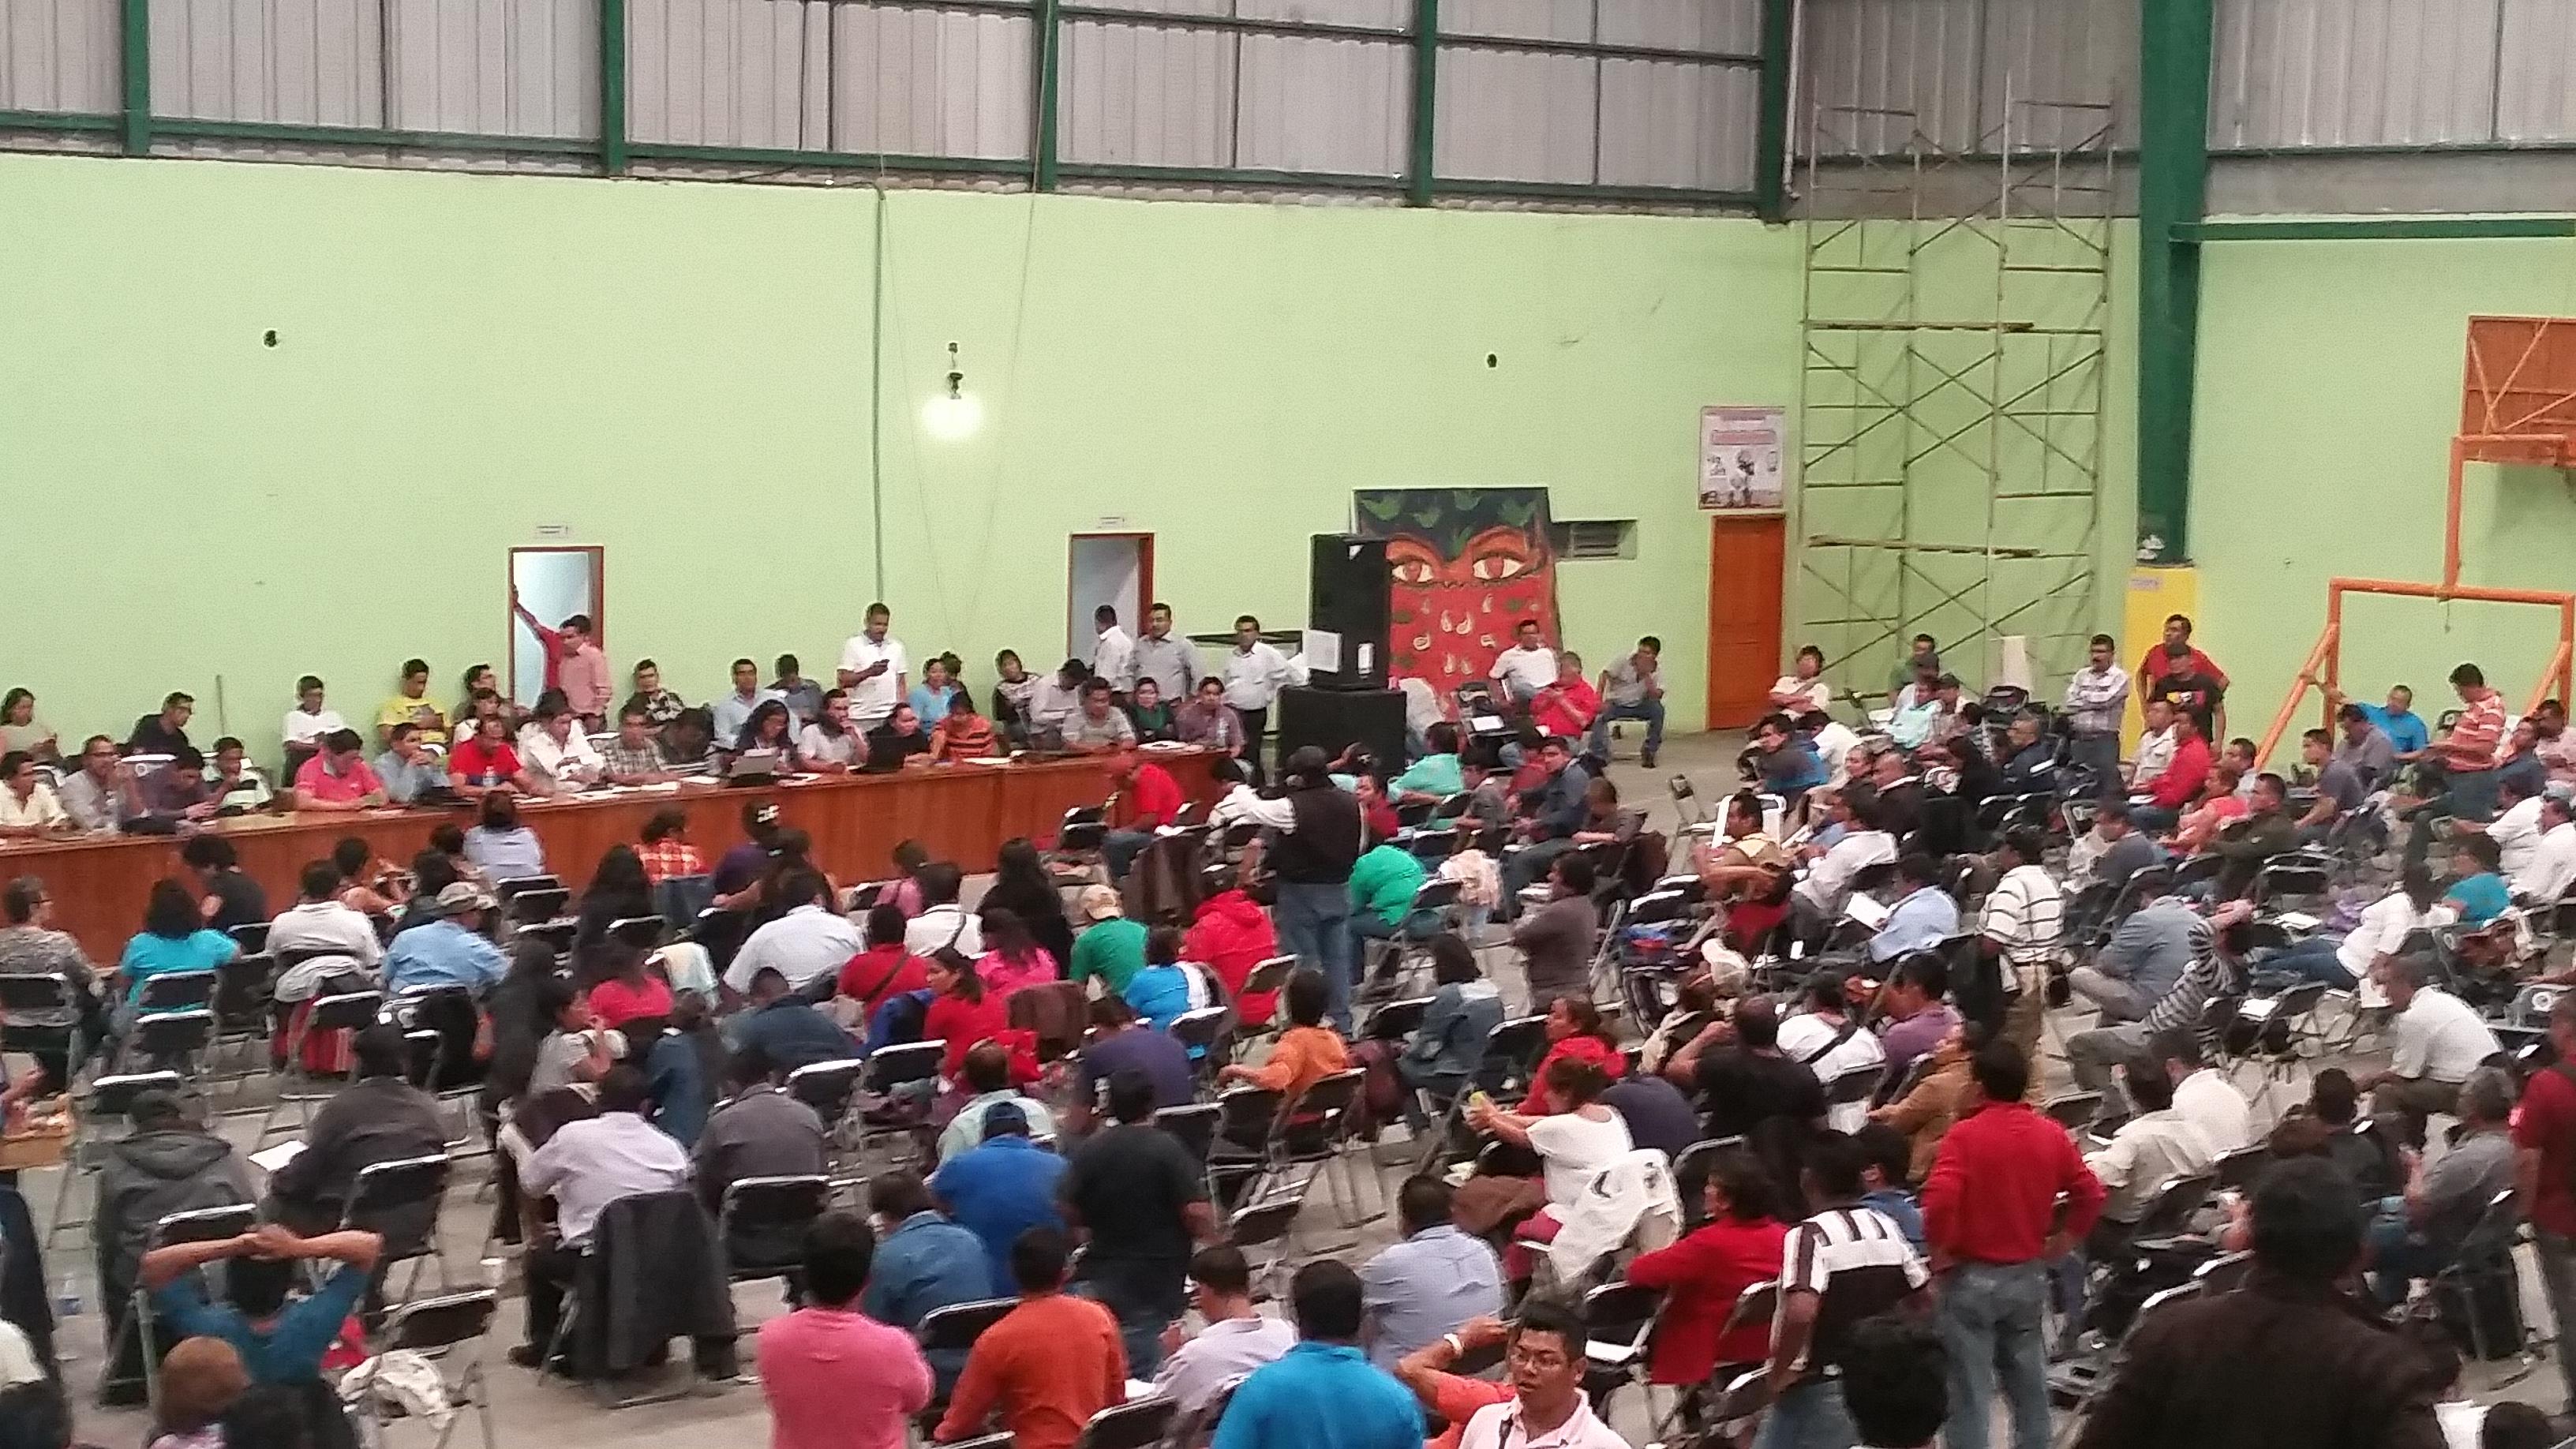 Habrá diálogo después del regreso a clases en Oaxaca: Nuño Mayer